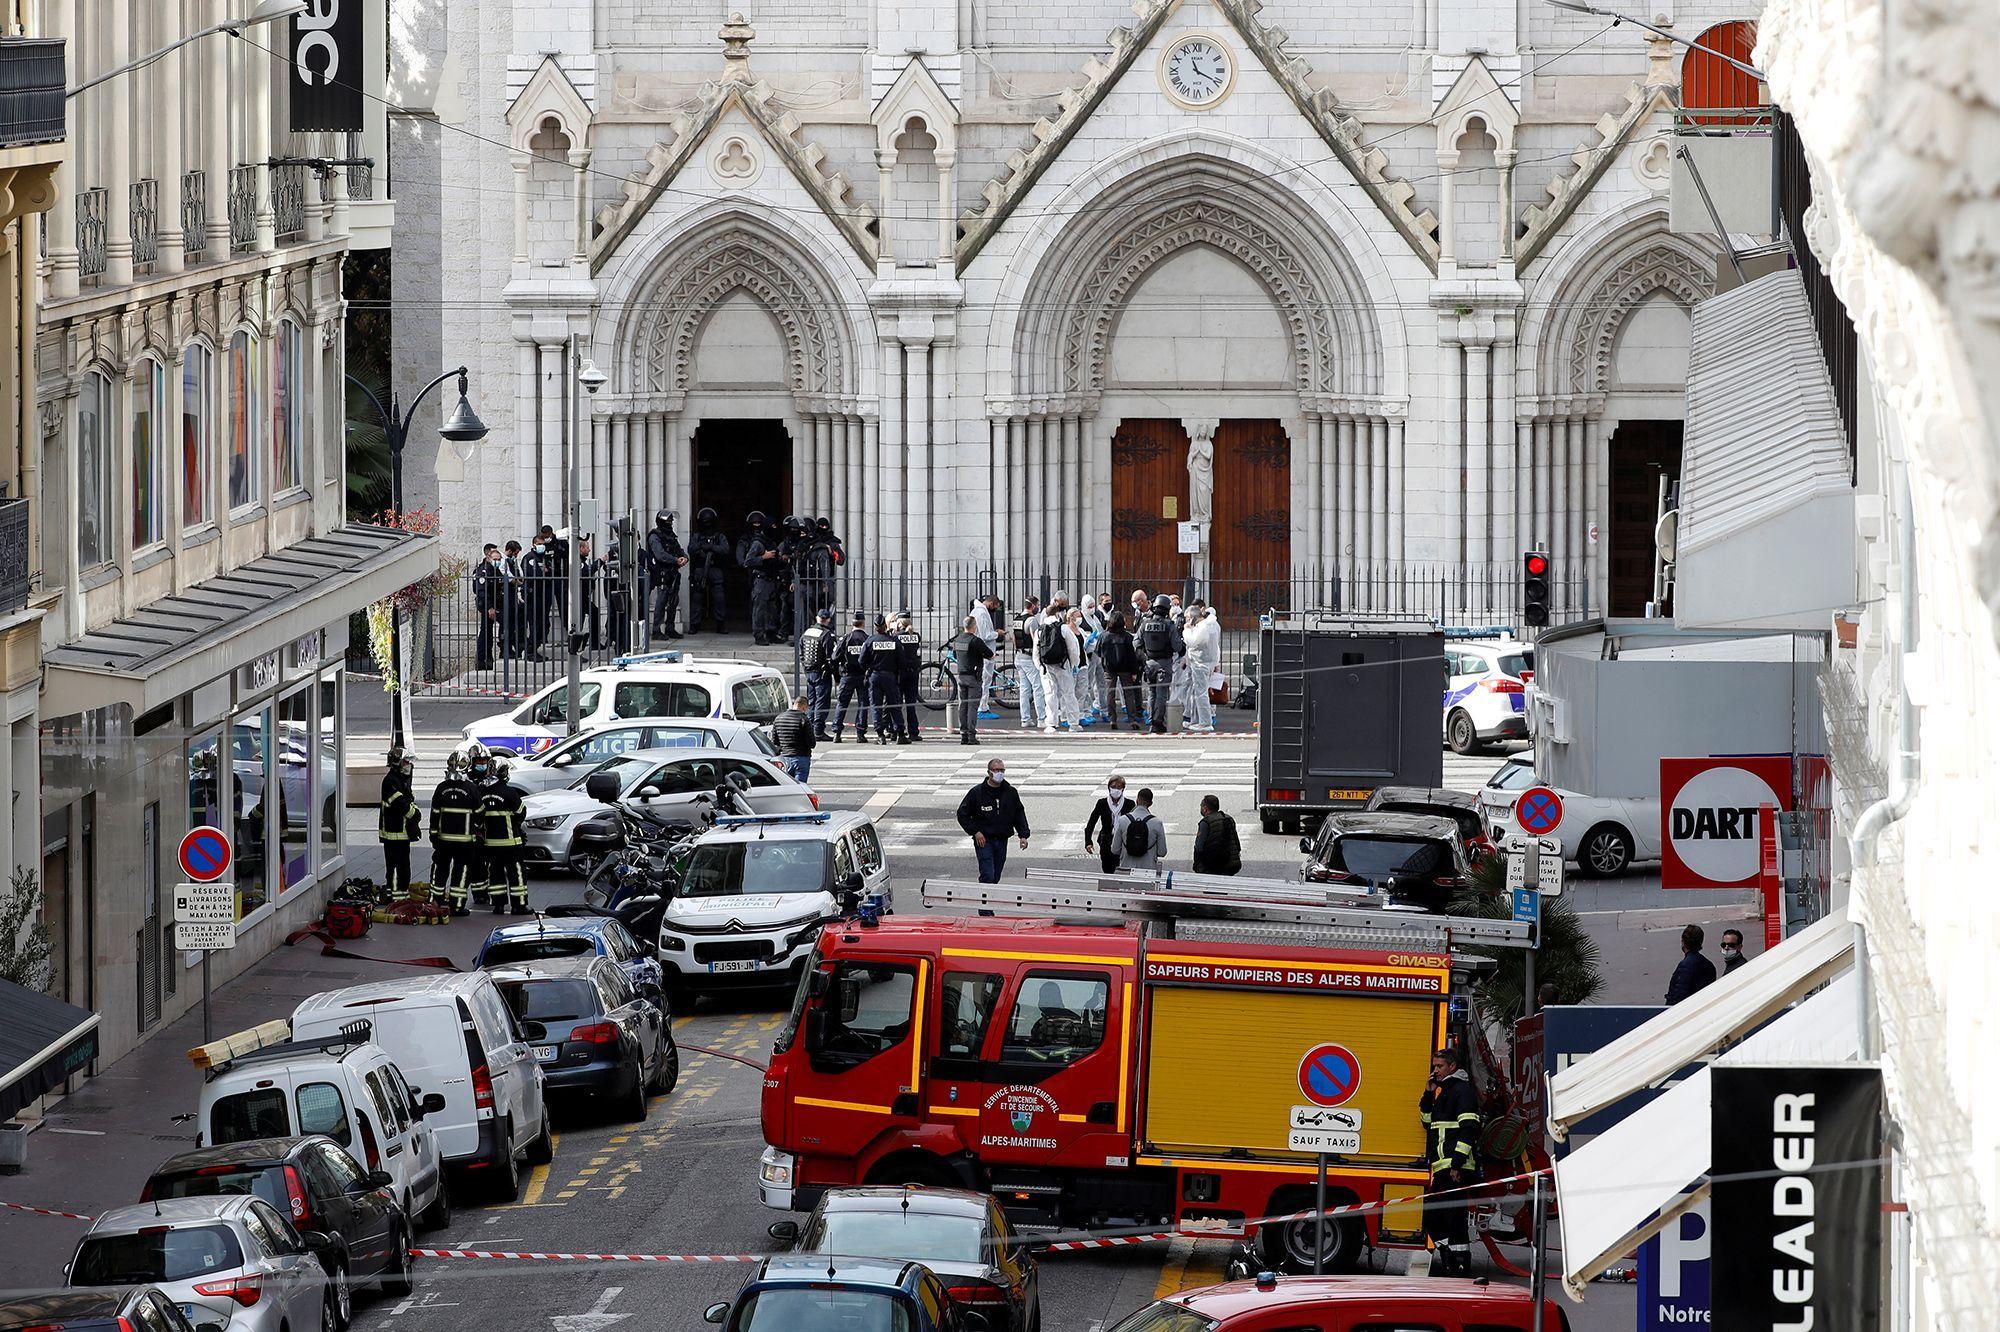 Священник из Ниццы заявил о получении предупреждений о нападении